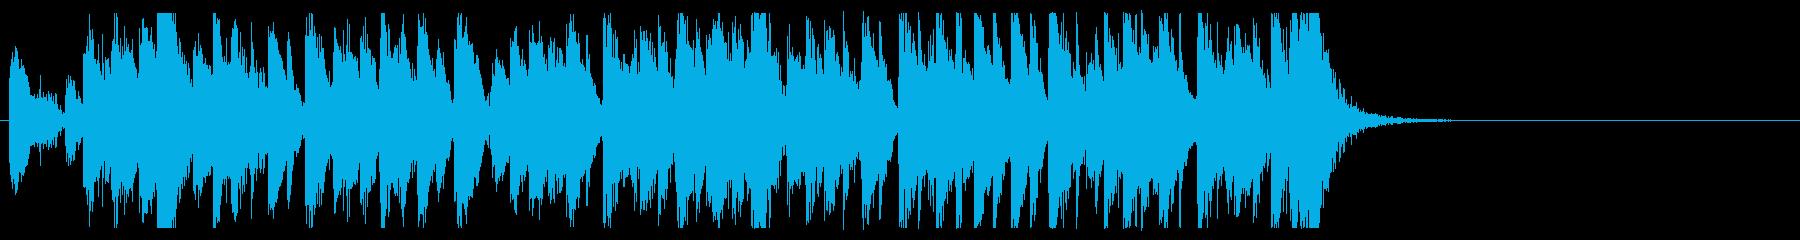 三味線 太鼓のアンサンブル3BPM136の再生済みの波形